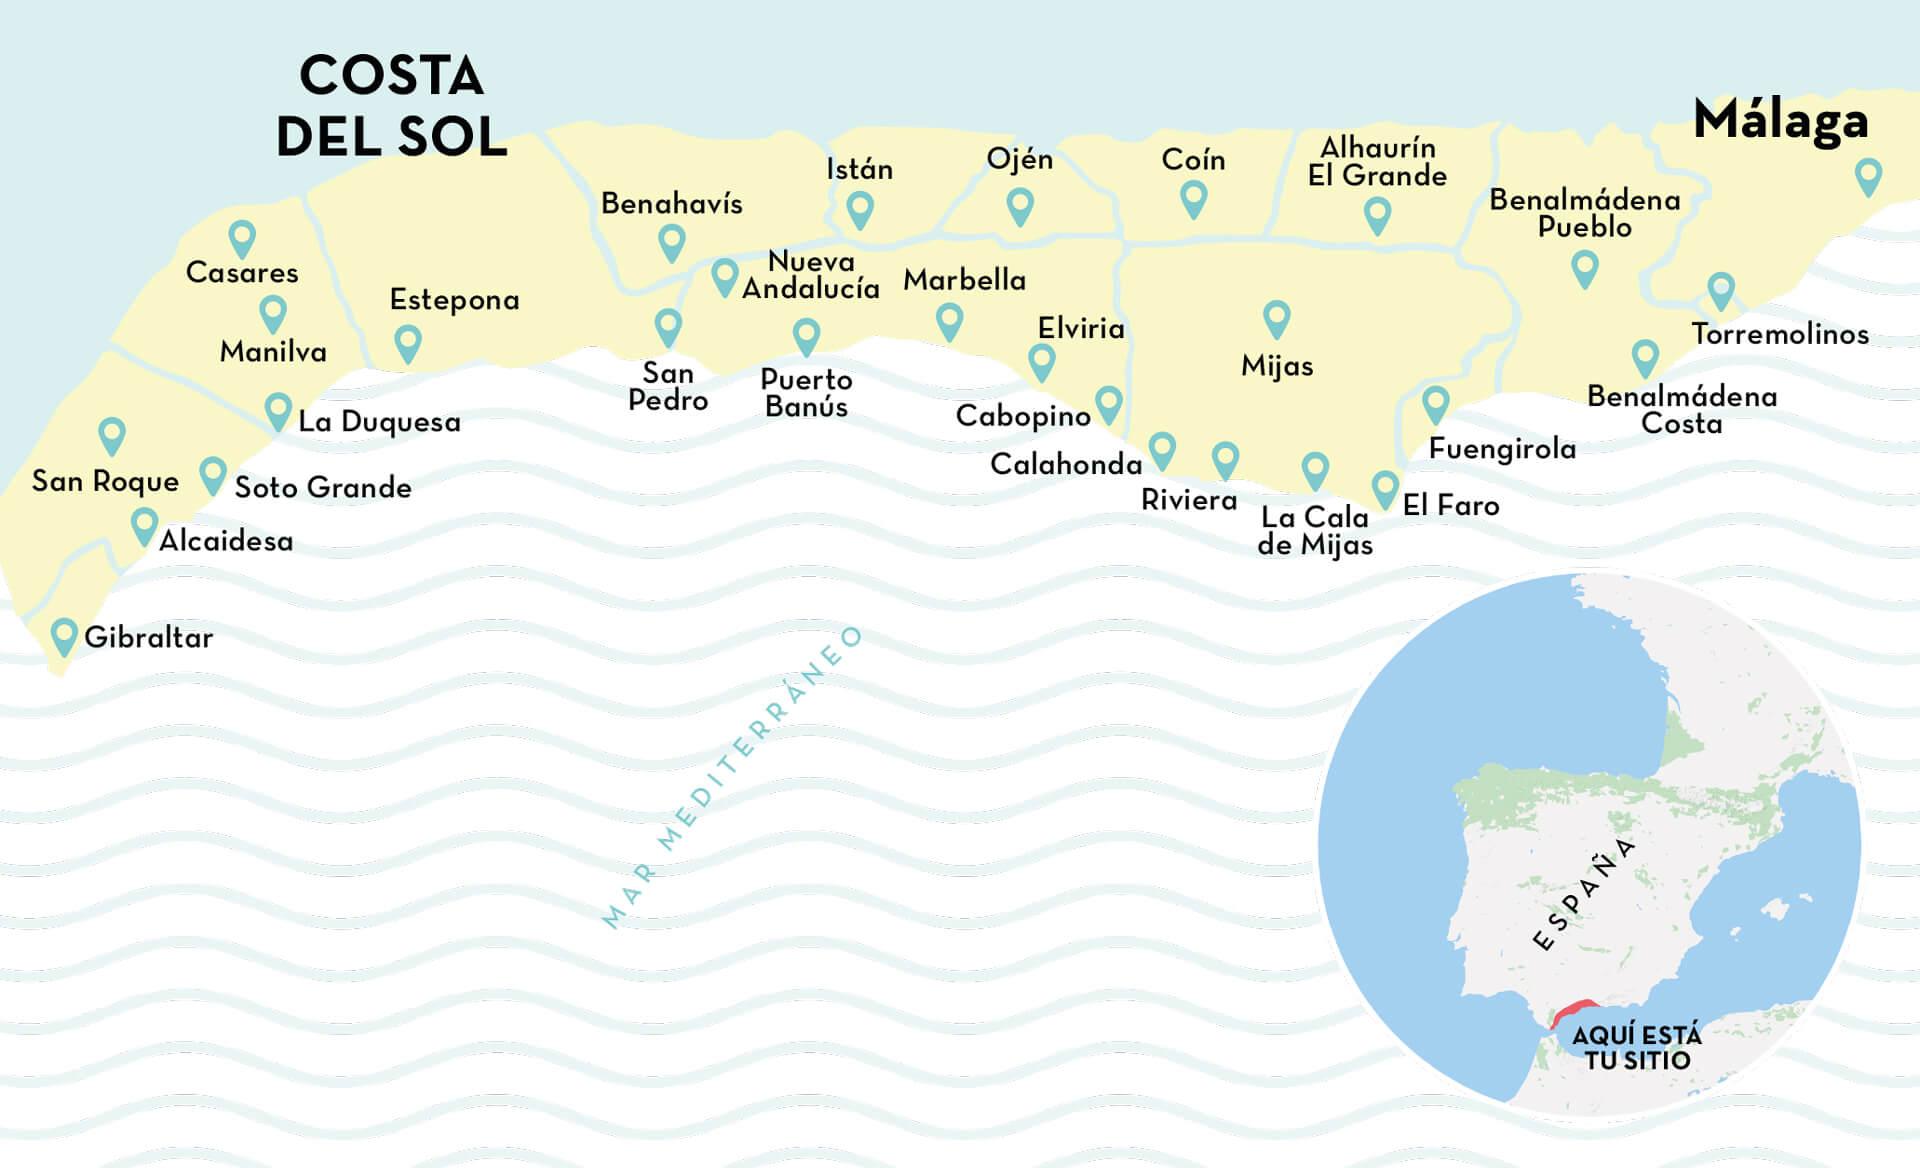 costa del sol map